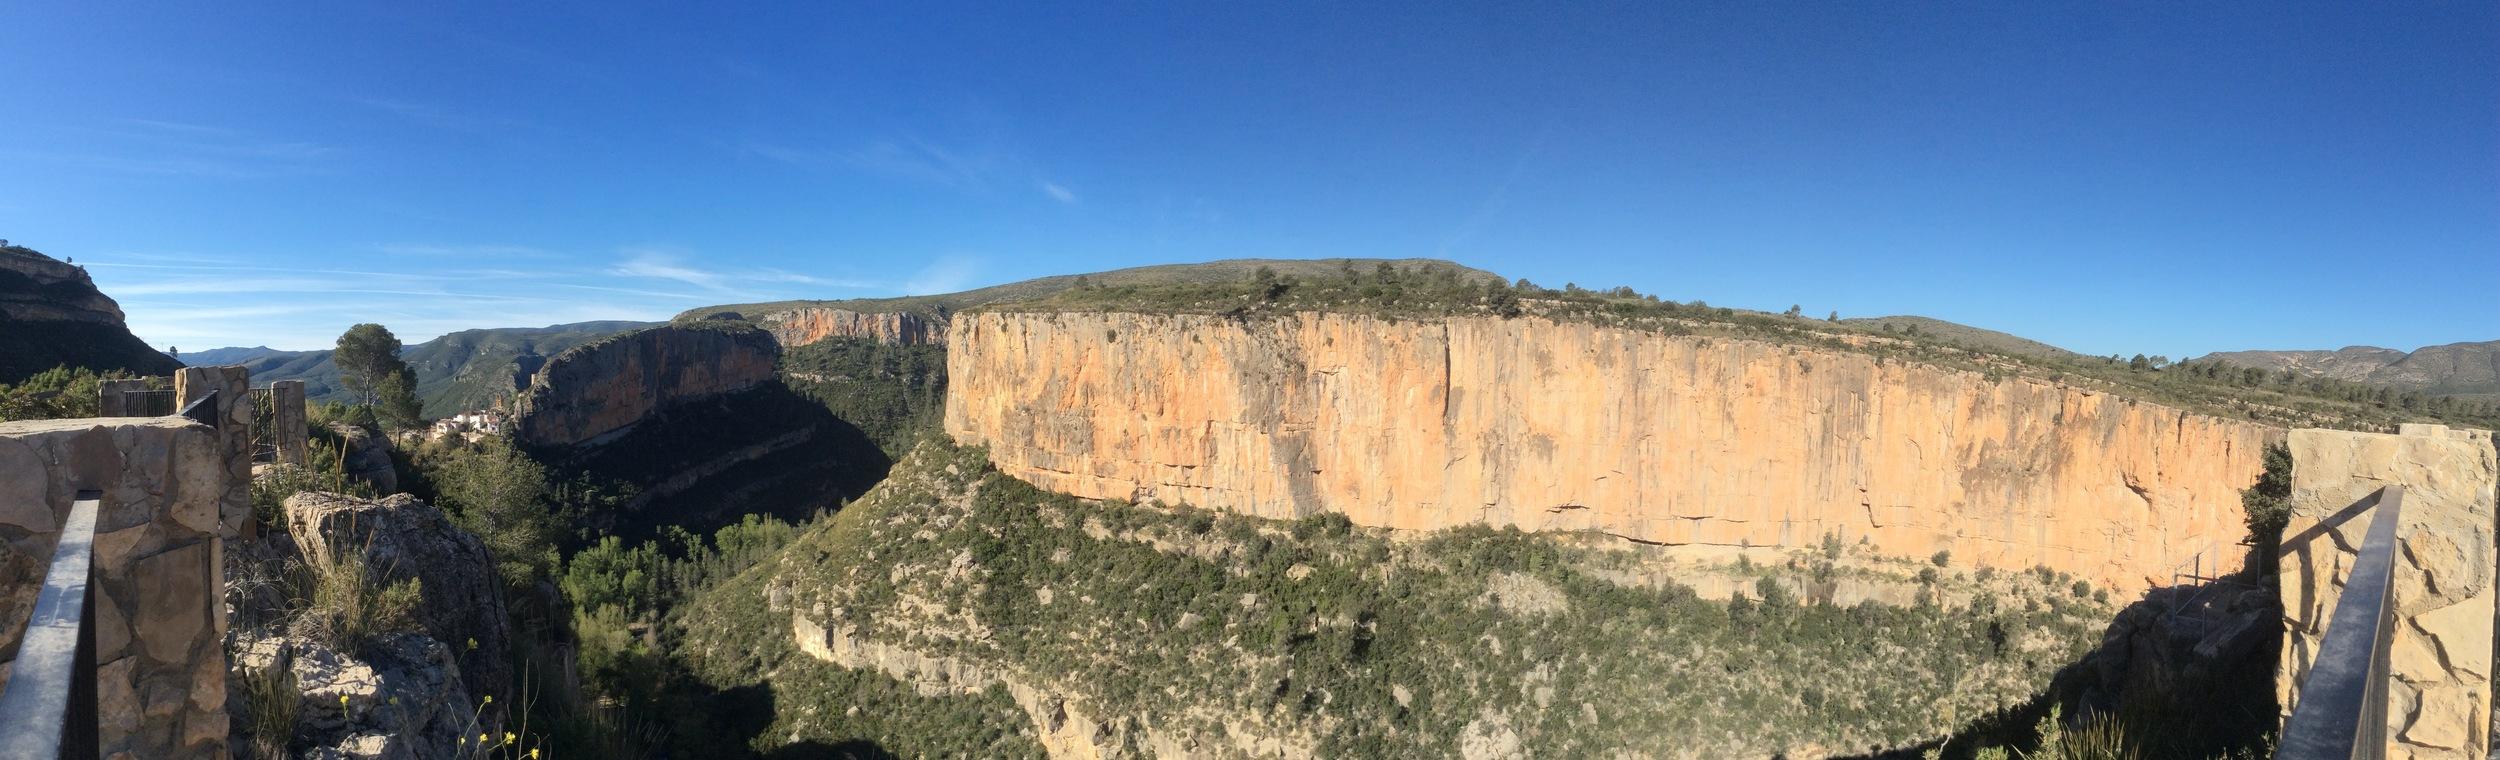 The view from El Altico refugio in Chulilla - village to the left.